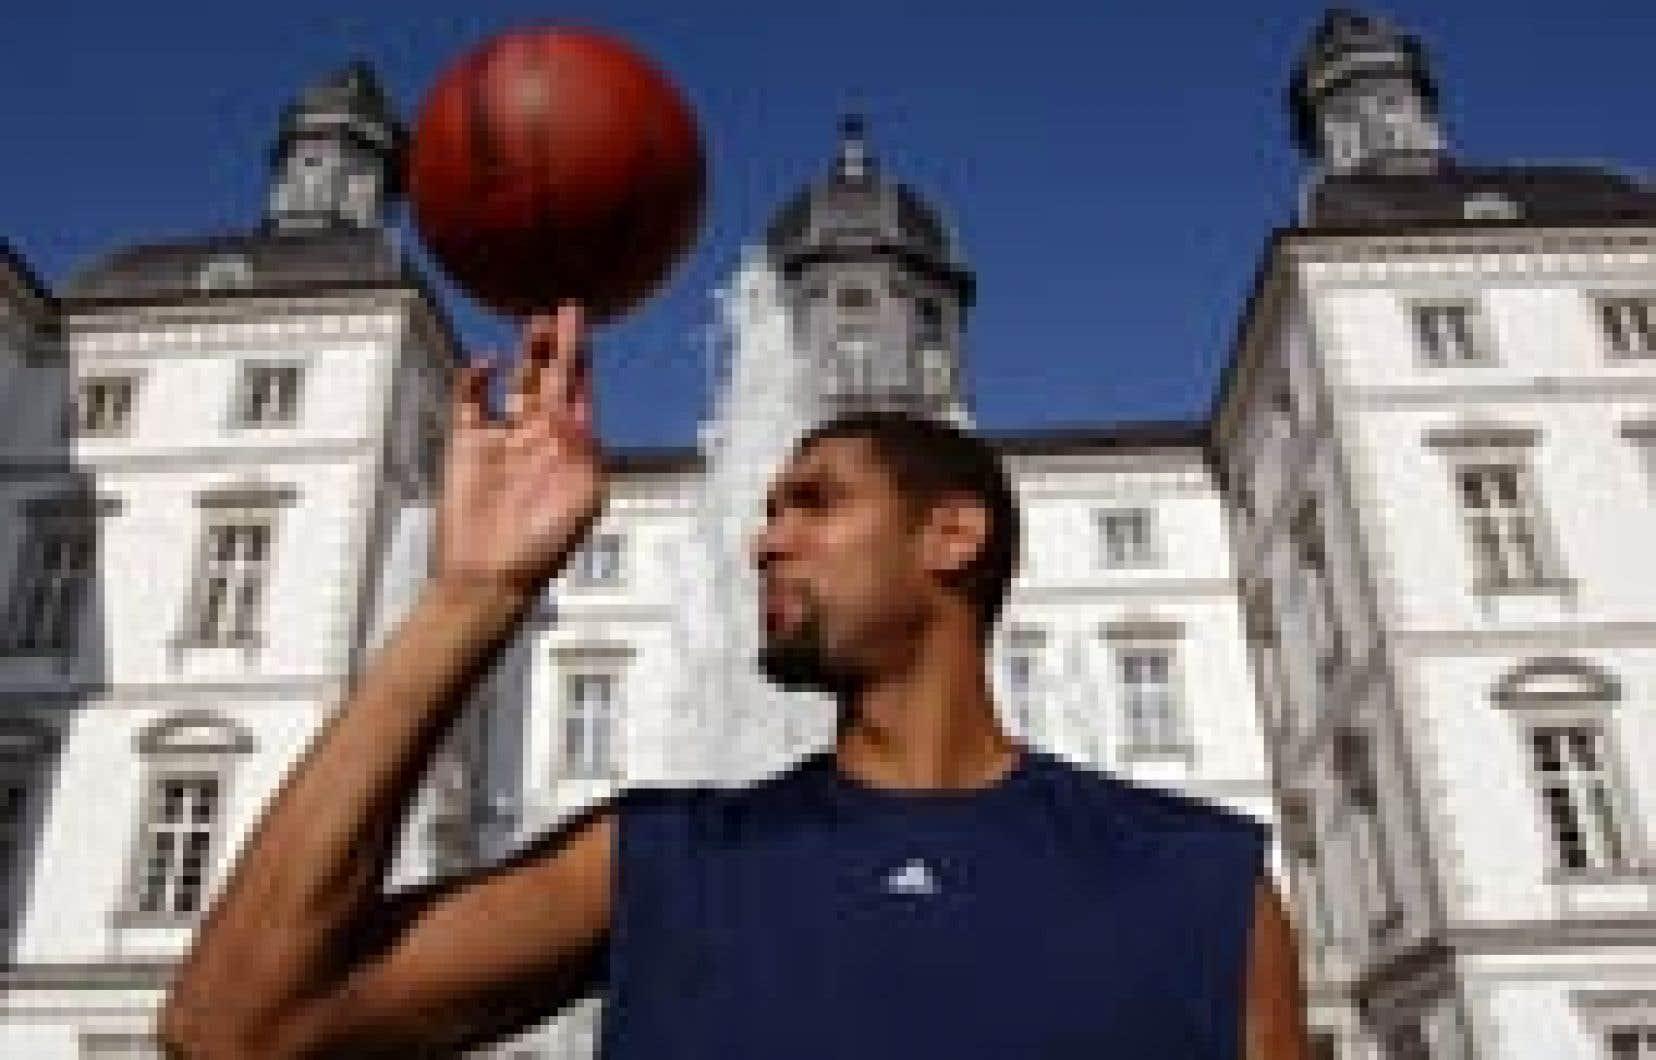 Tim Duncan, basketteur de l'équipe olympique américaine, a le doigt long -- assez en tout cas pour faire tourner son ballon pendant plusieurs secondes en pensant déjà à l'or qui l'attend à Athènes.